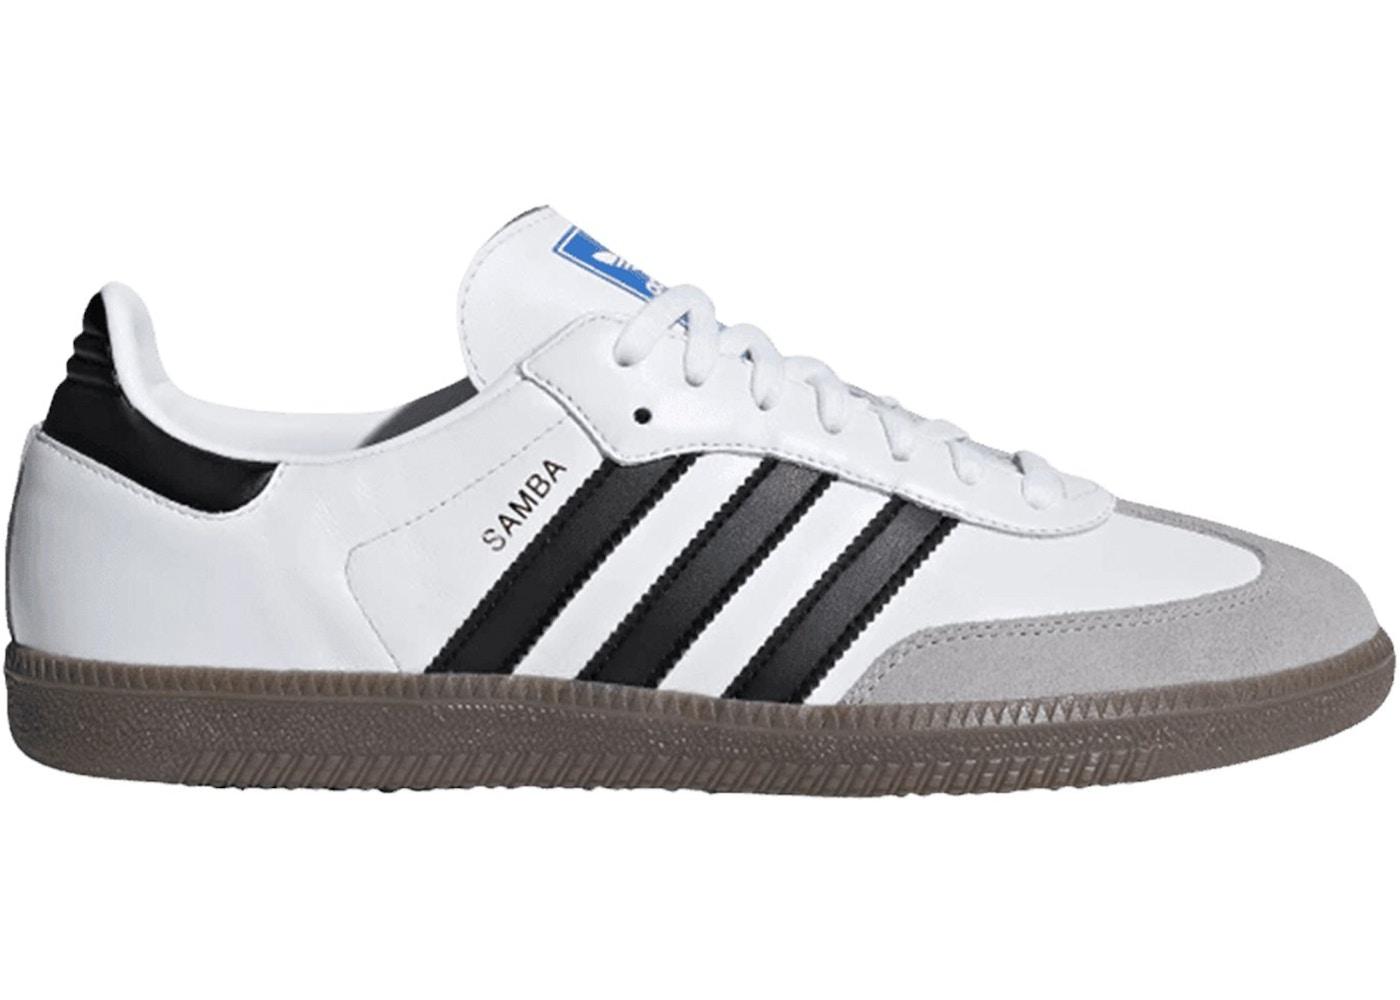 adidas Samba OG Cloud White Core Black